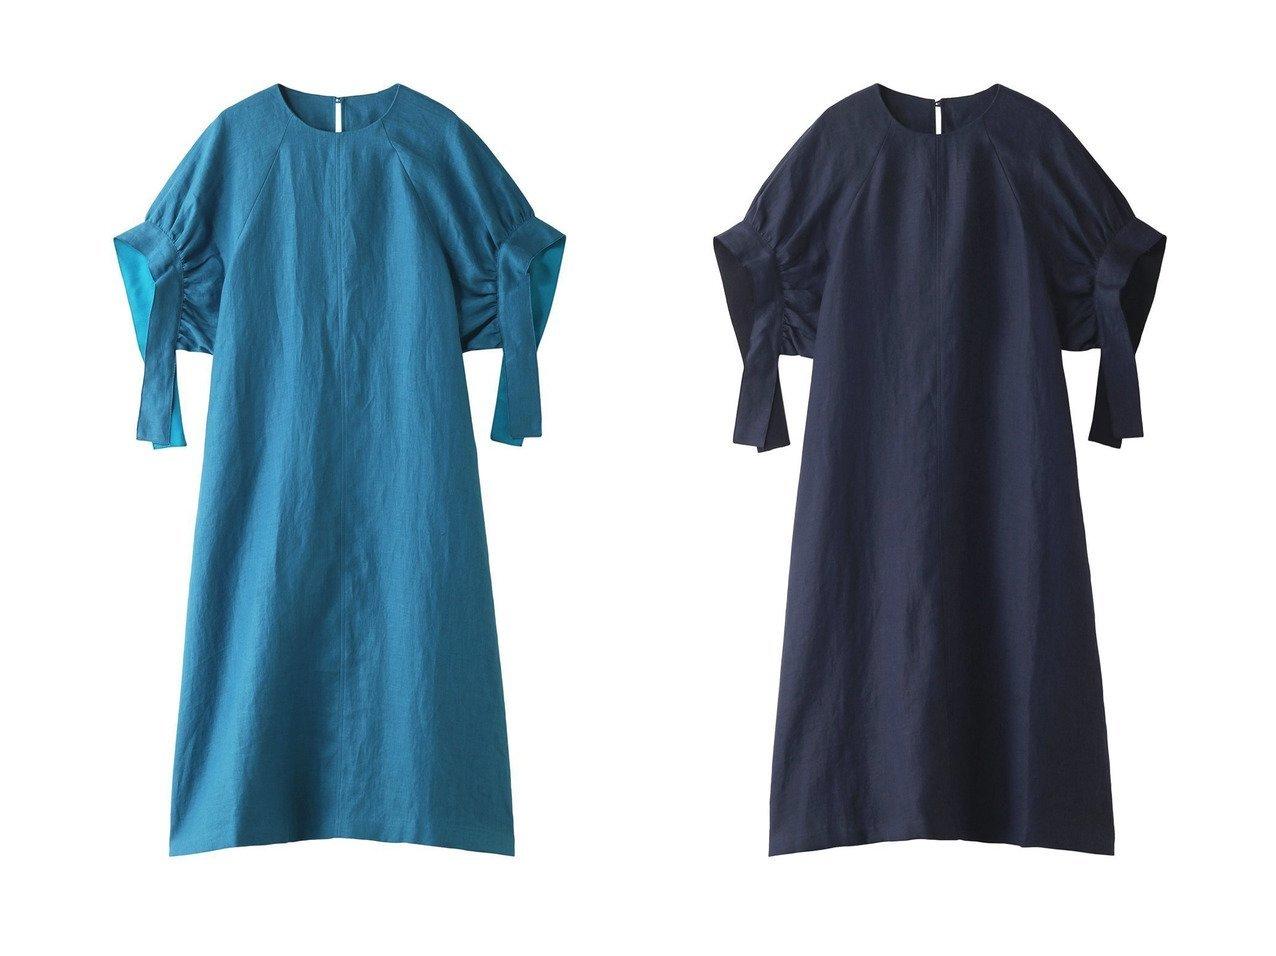 【HOUSE OF LOTUS/ハウス オブ ロータス】の【ELLESHOP限定】フレンチリネンボリュームスリーブドレス 【ワンピース・ドレス】おすすめ!人気、トレンド・レディースファッションの通販  おすすめで人気の流行・トレンド、ファッションの通販商品 インテリア・家具・メンズファッション・キッズファッション・レディースファッション・服の通販 founy(ファニー) https://founy.com/ ファッション Fashion レディースファッション WOMEN ワンピース Dress ドレス Party Dresses オケージョン スリーブ ドレス フレンチ リネン リボン ロング |ID:crp329100000049266